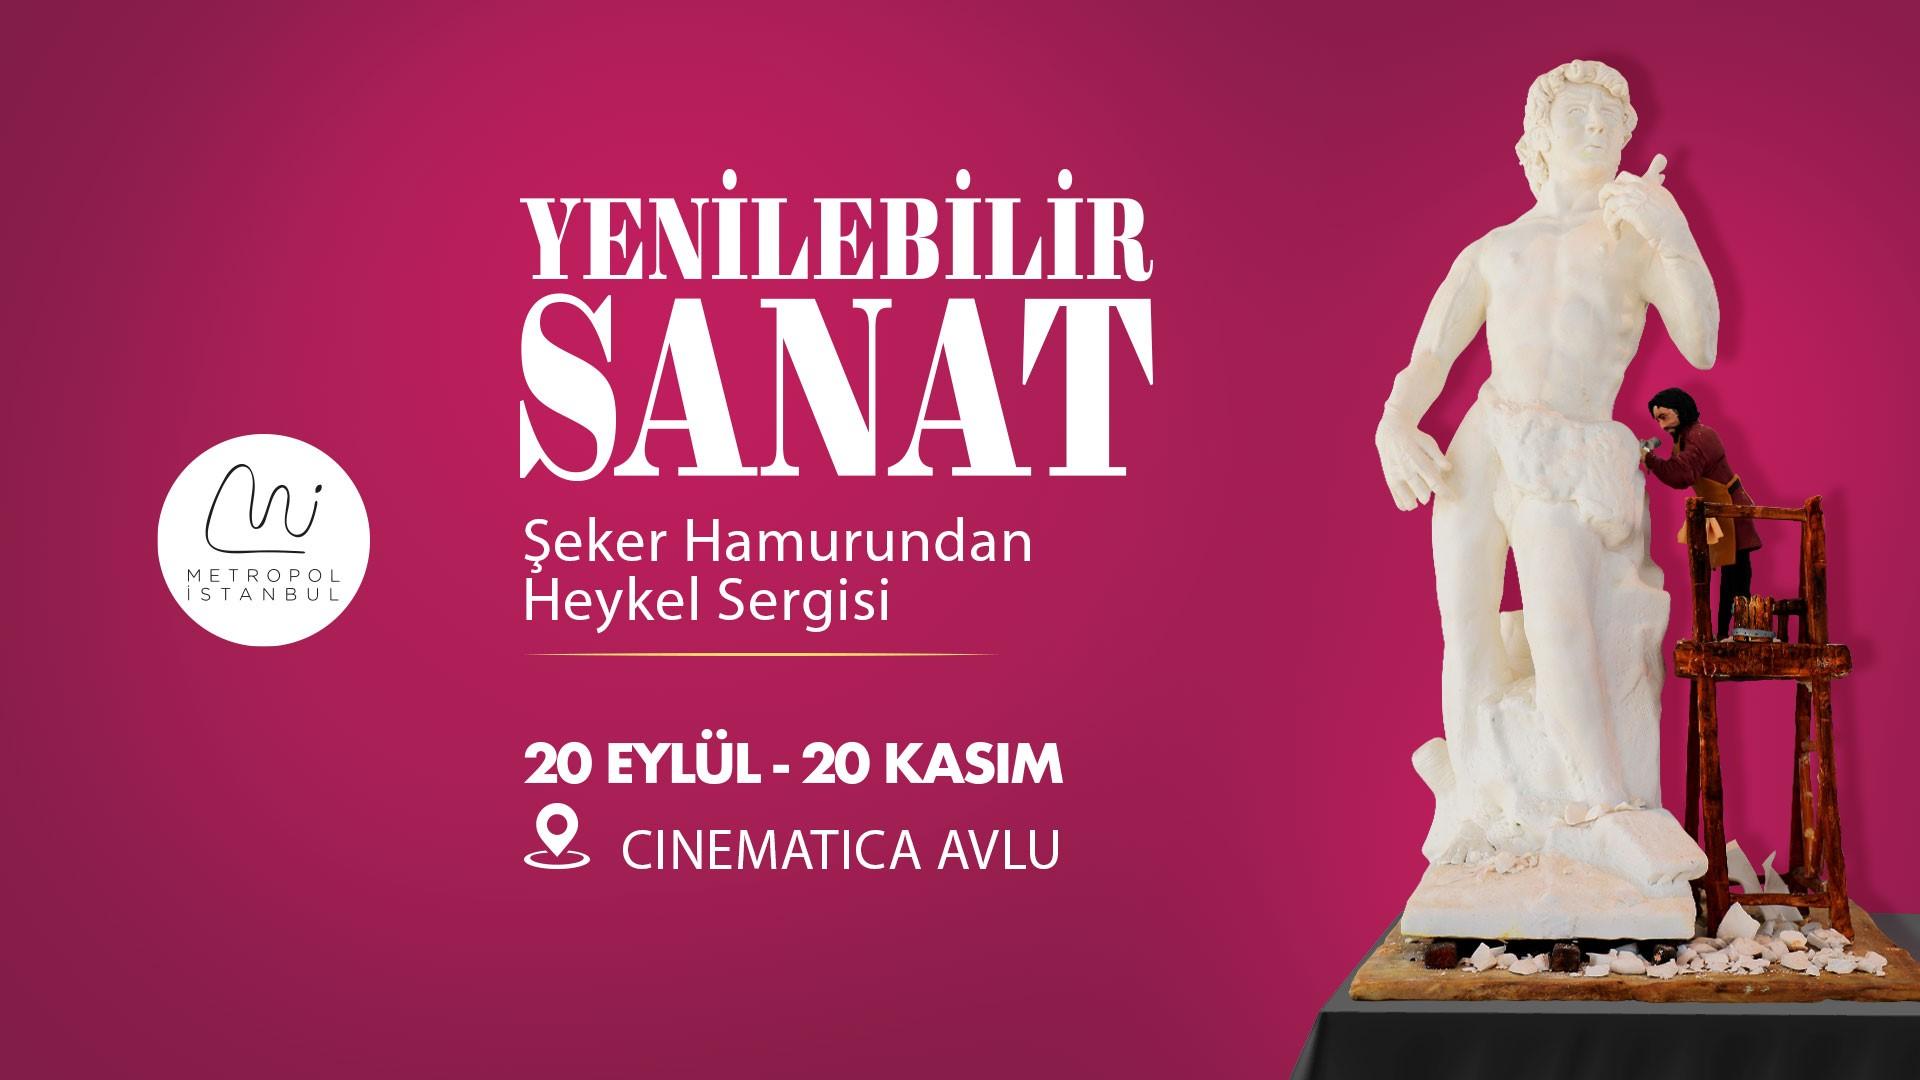 Yenilebilir Sanat Sergisi Metropol İstanbul'da!